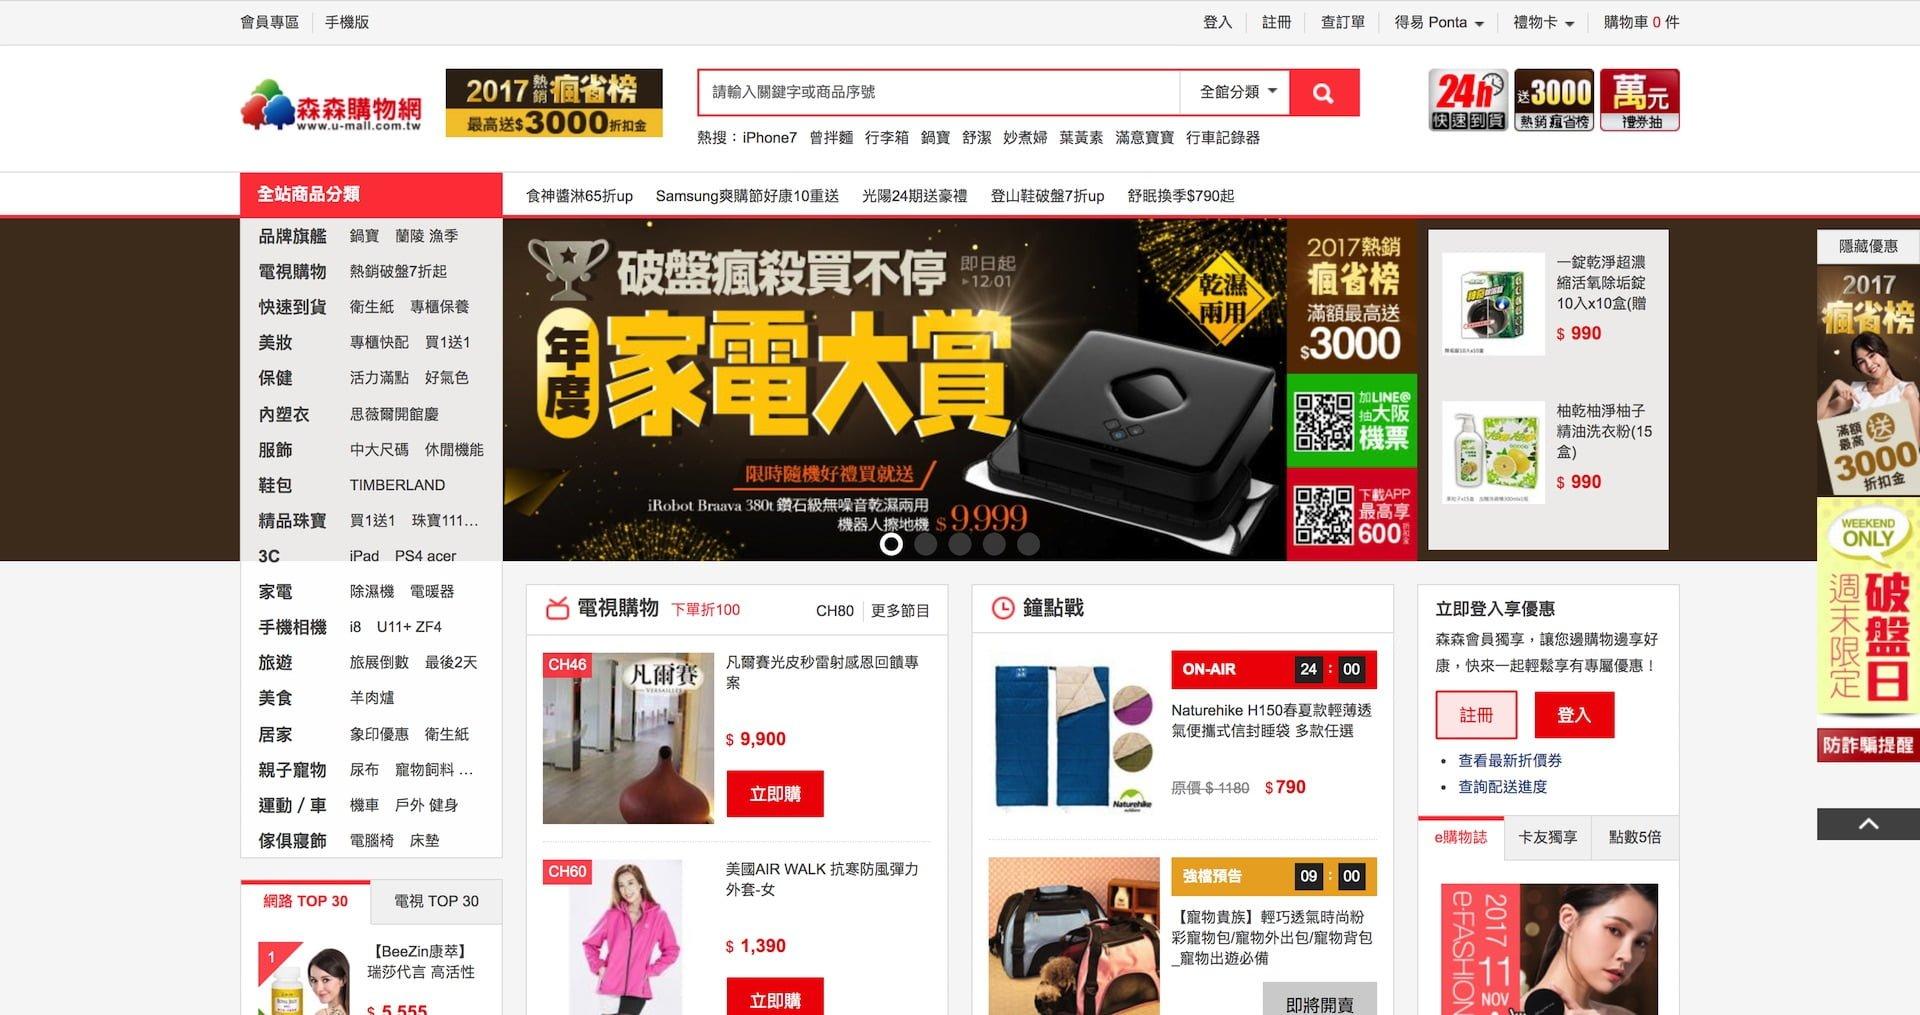 森森購物網(U Mall)線上購物平台介紹與網購推薦優惠